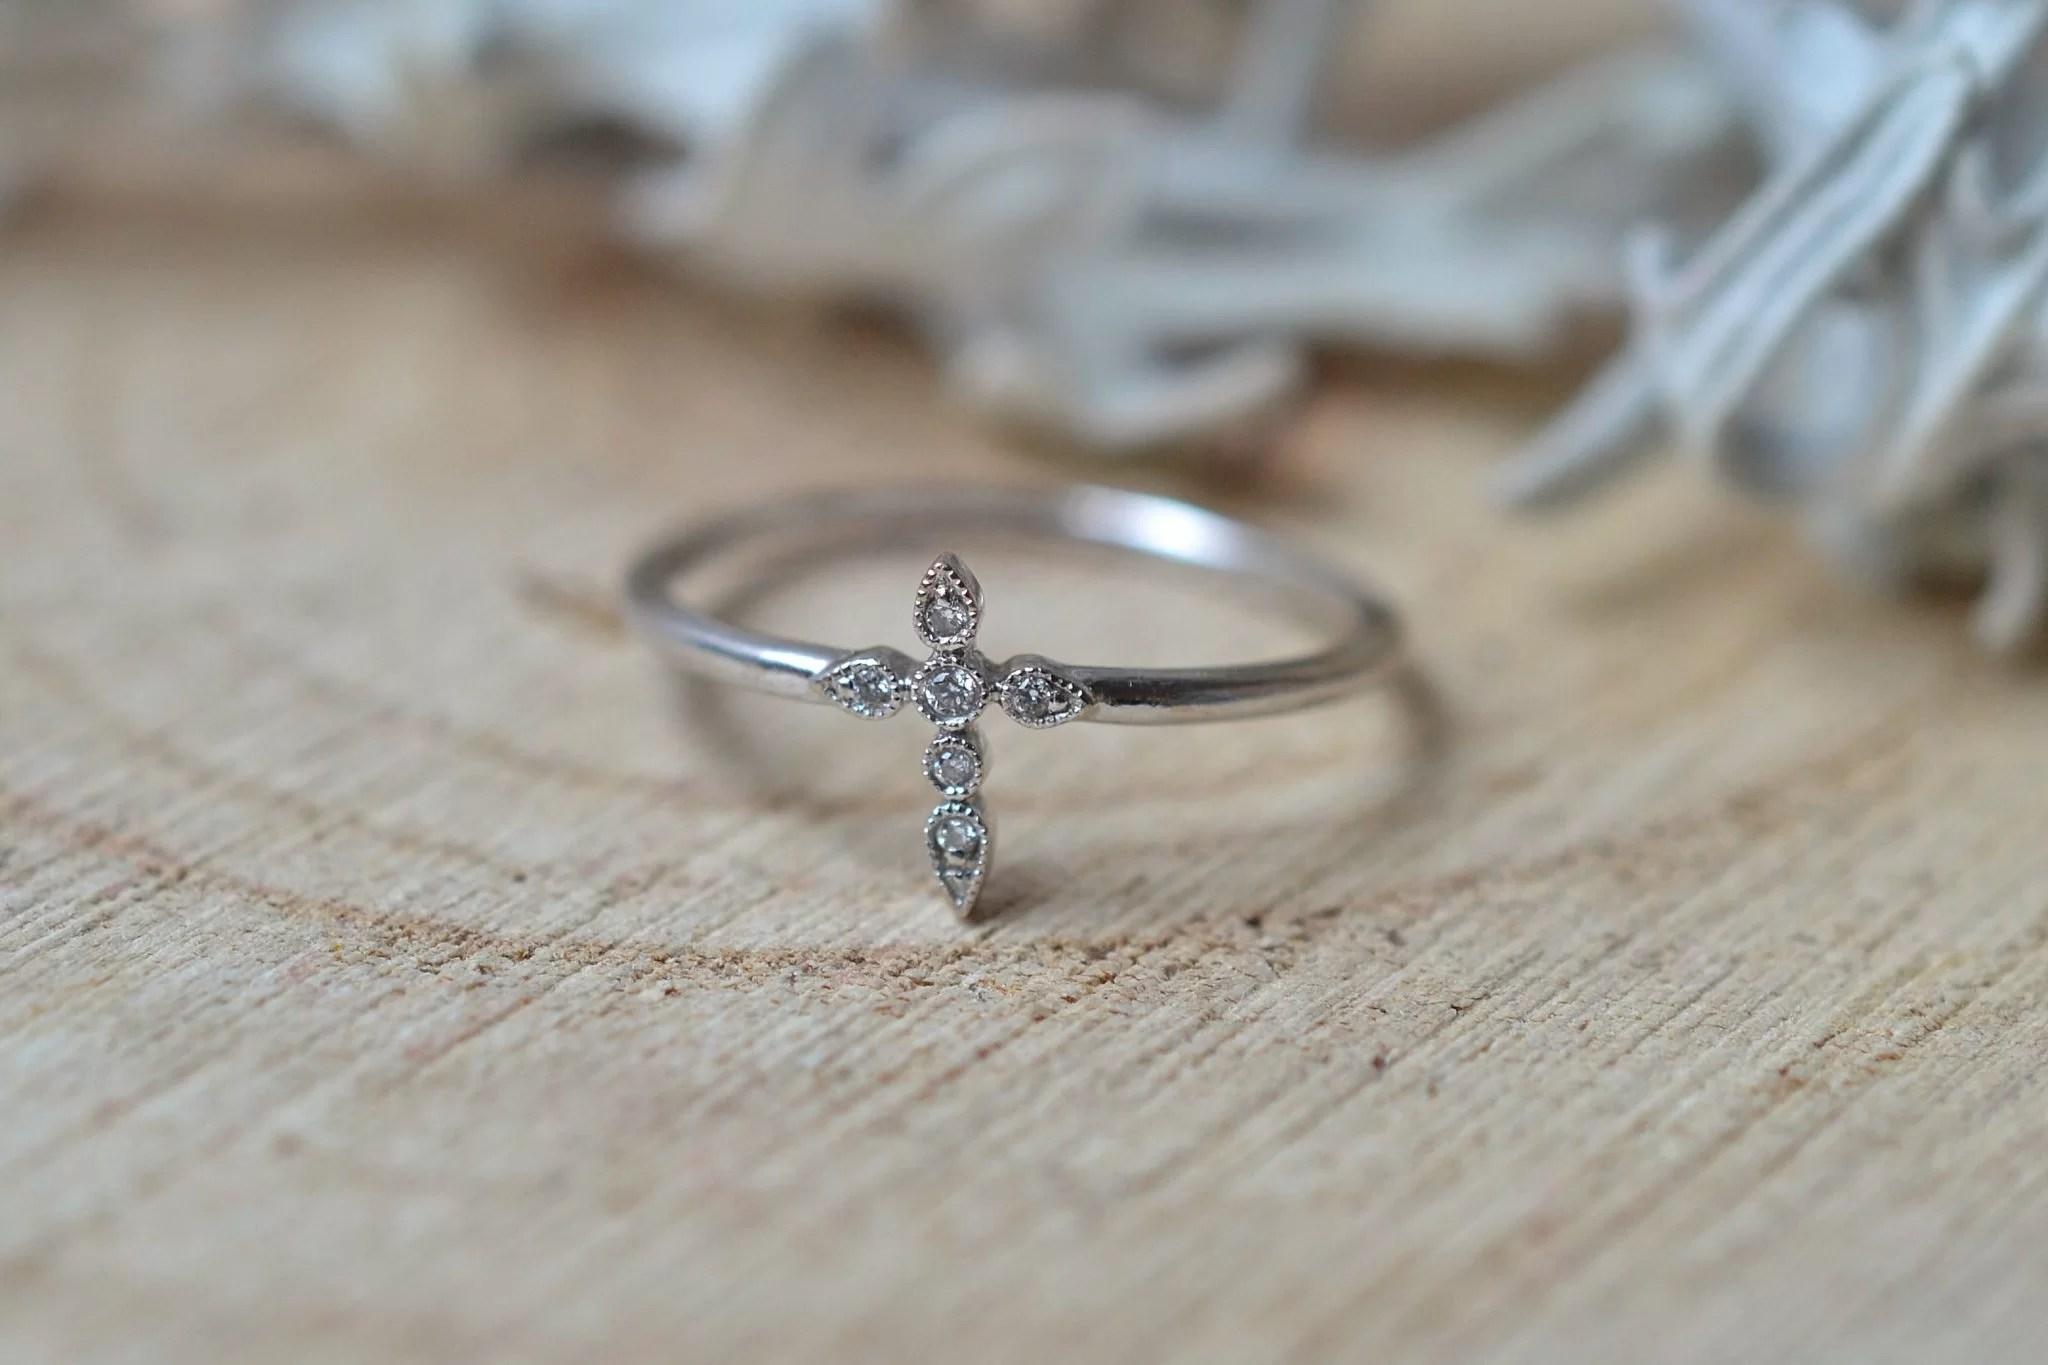 Bague en Or blanc sertie d_une petite bague _Croix_ agrémentée de 6 petits diamants - bague éthique